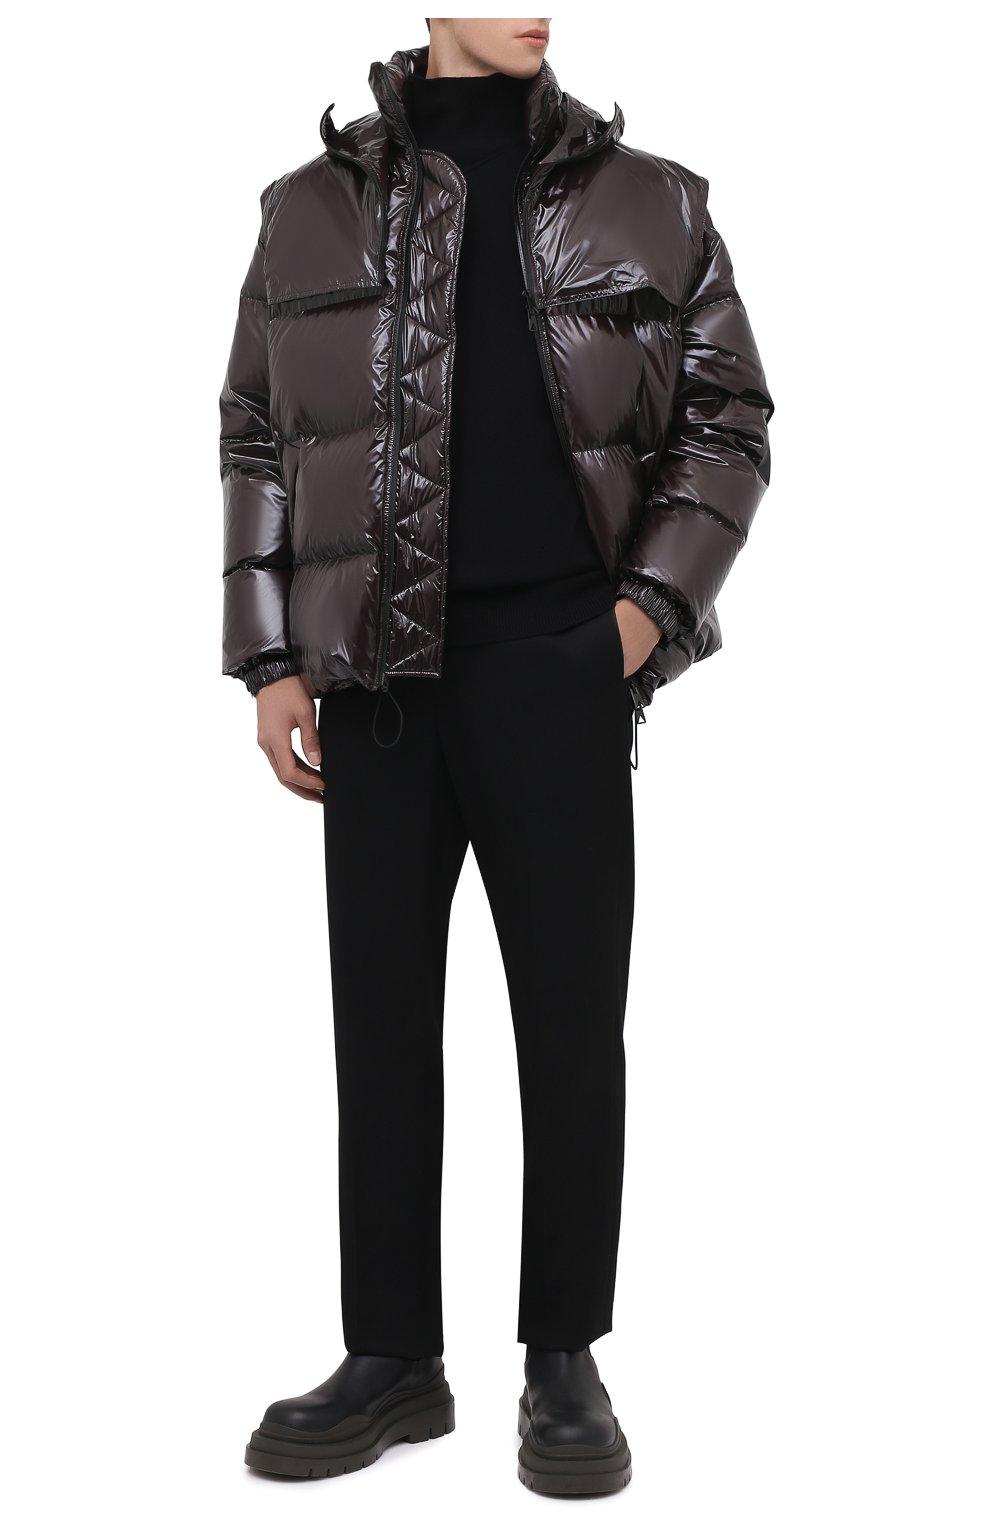 Мужские кожаные челси tire BOTTEGA VENETA черного цвета, арт. 630281/VBS50 | Фото 2 (Каблук высота: Высокий; Материал внутренний: Натуральная кожа; Подошва: Массивная; Мужское Кросс-КТ: Сапоги-обувь, Челси-обувь)